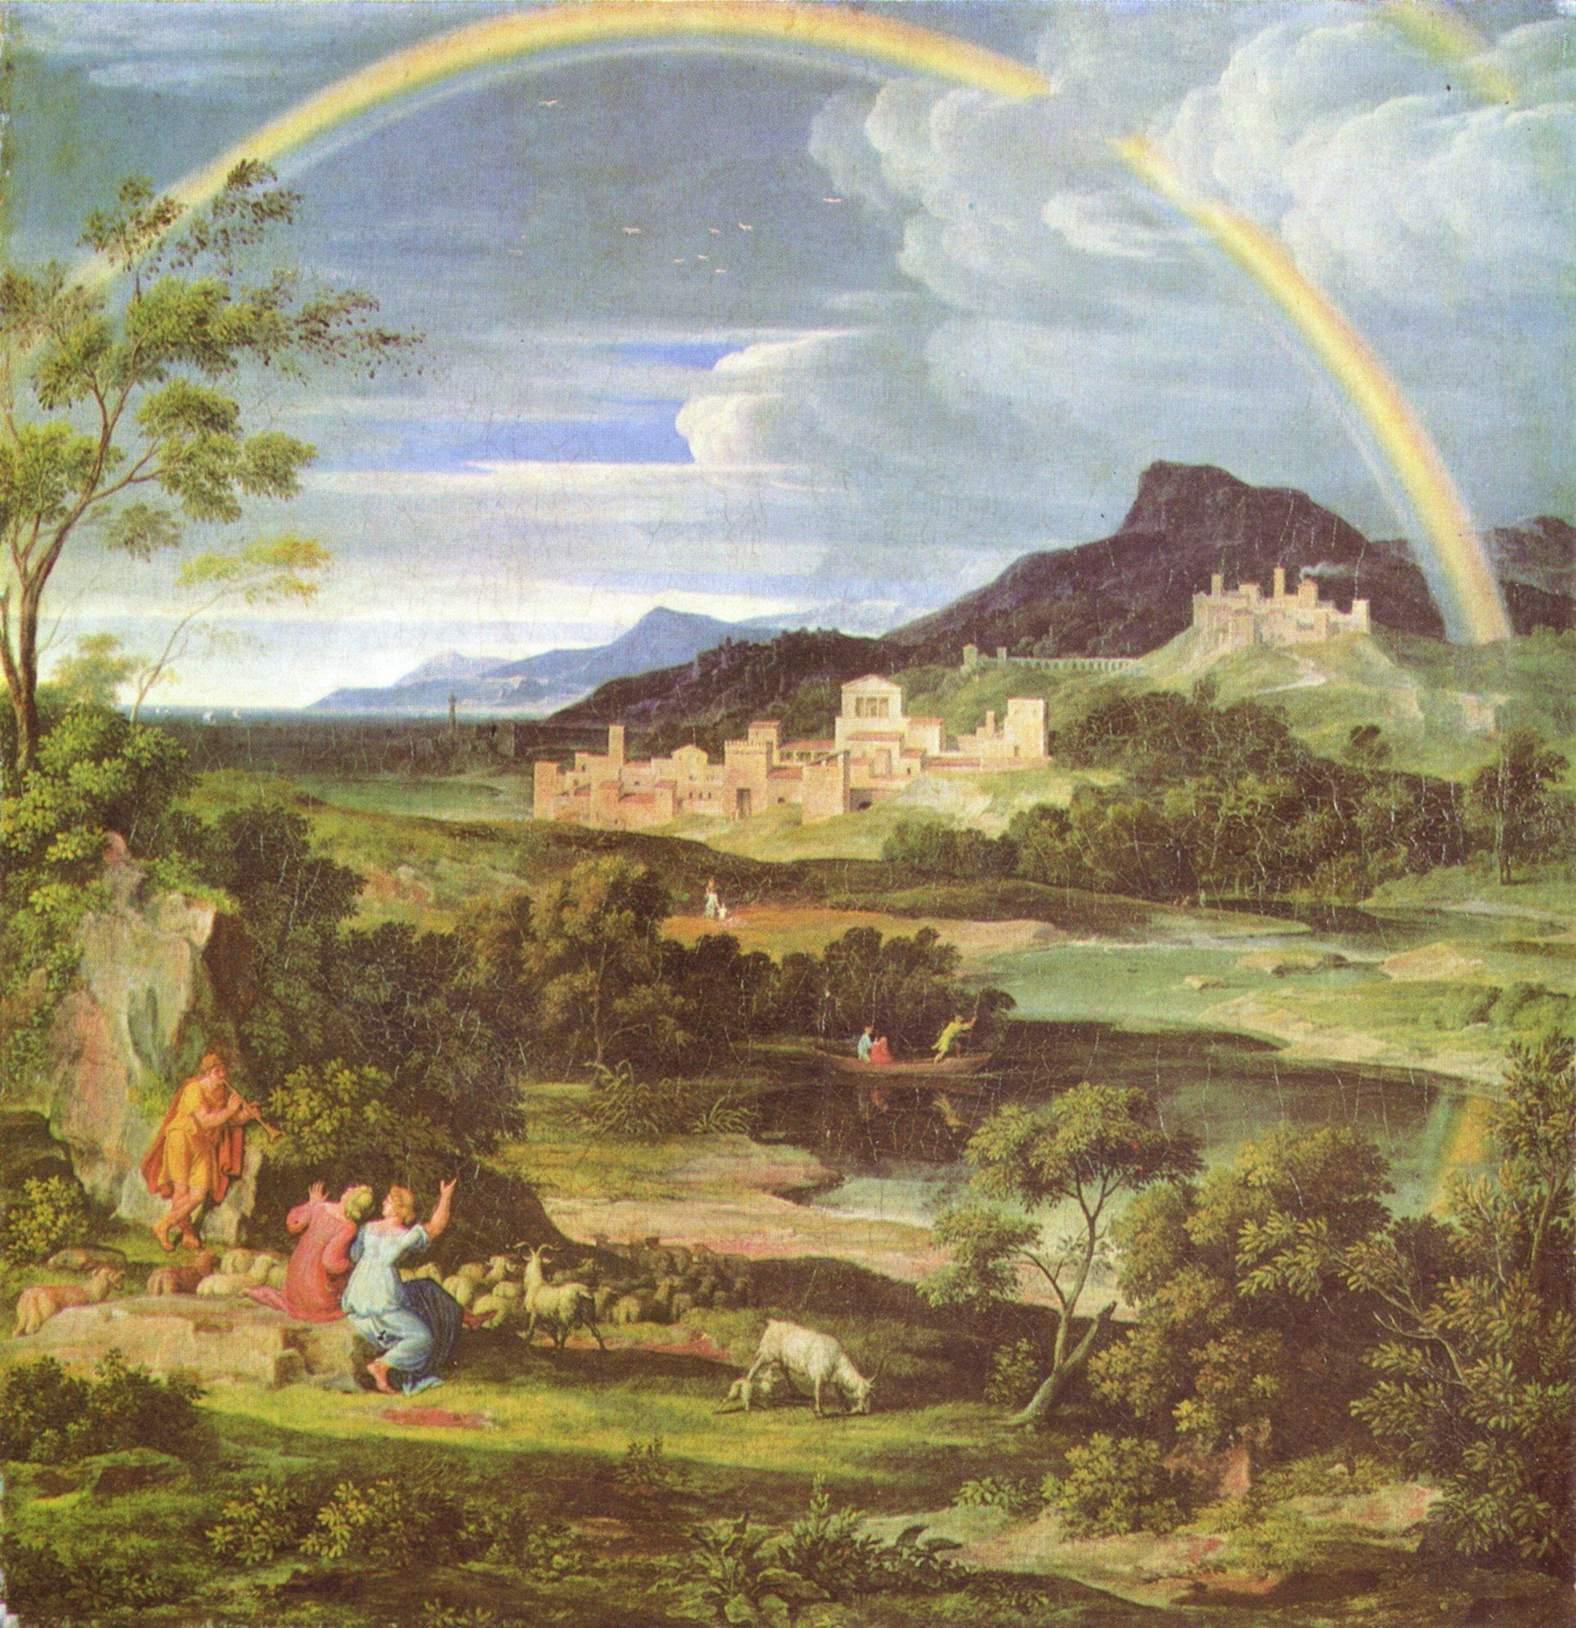 Героический пейзаж с радугой, Кох Йозеф Антон